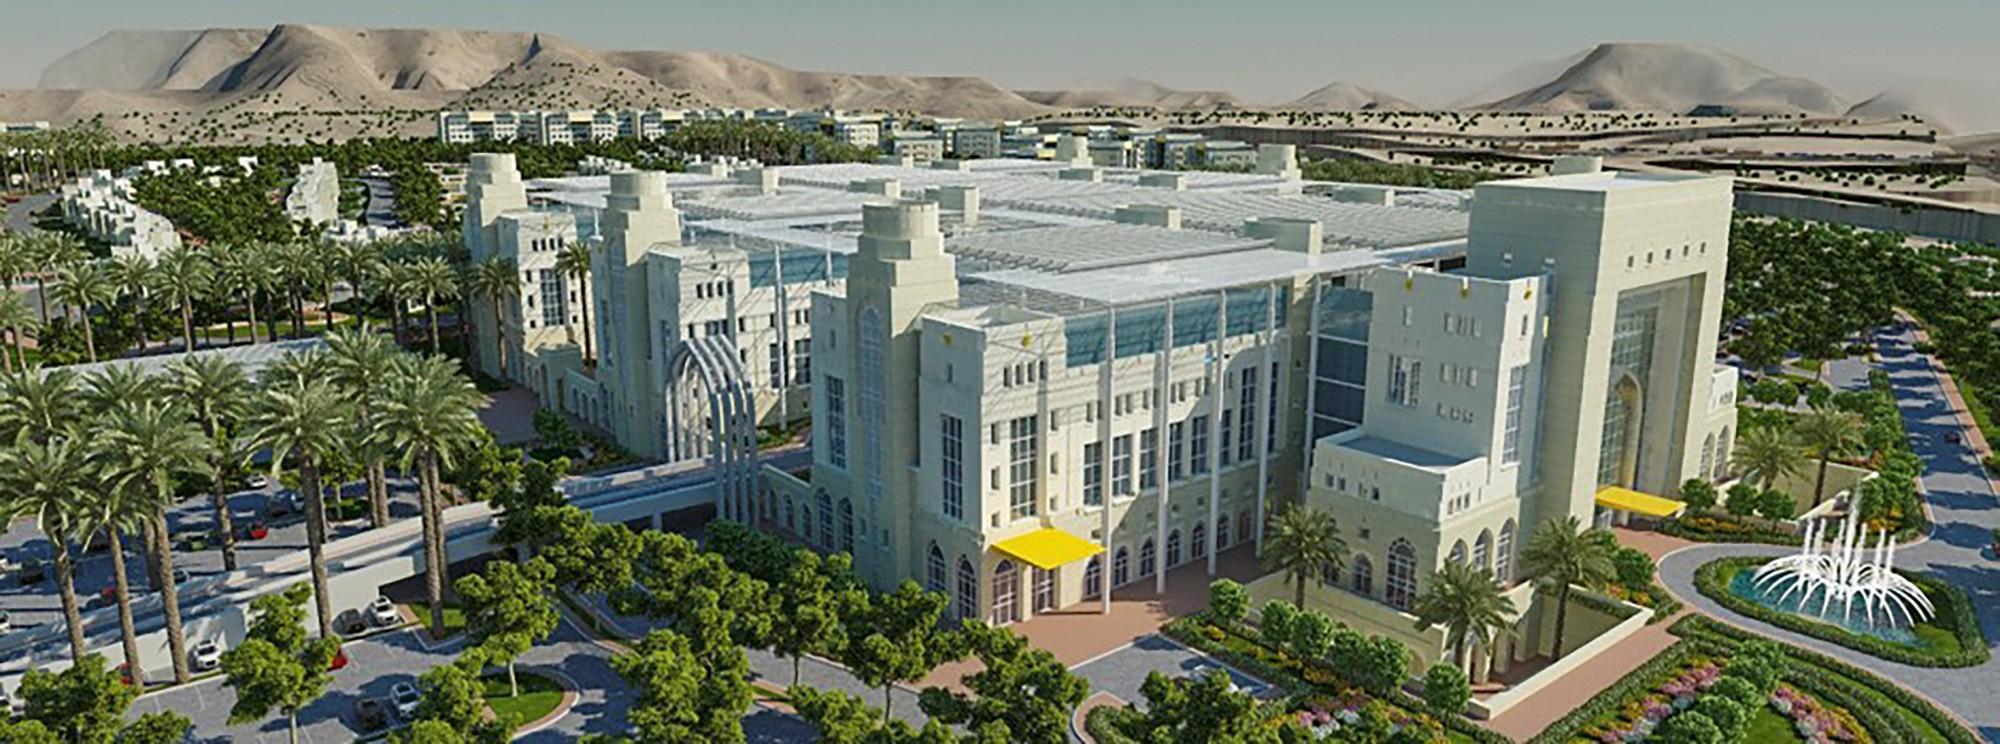 Royal Oman Police Hospital